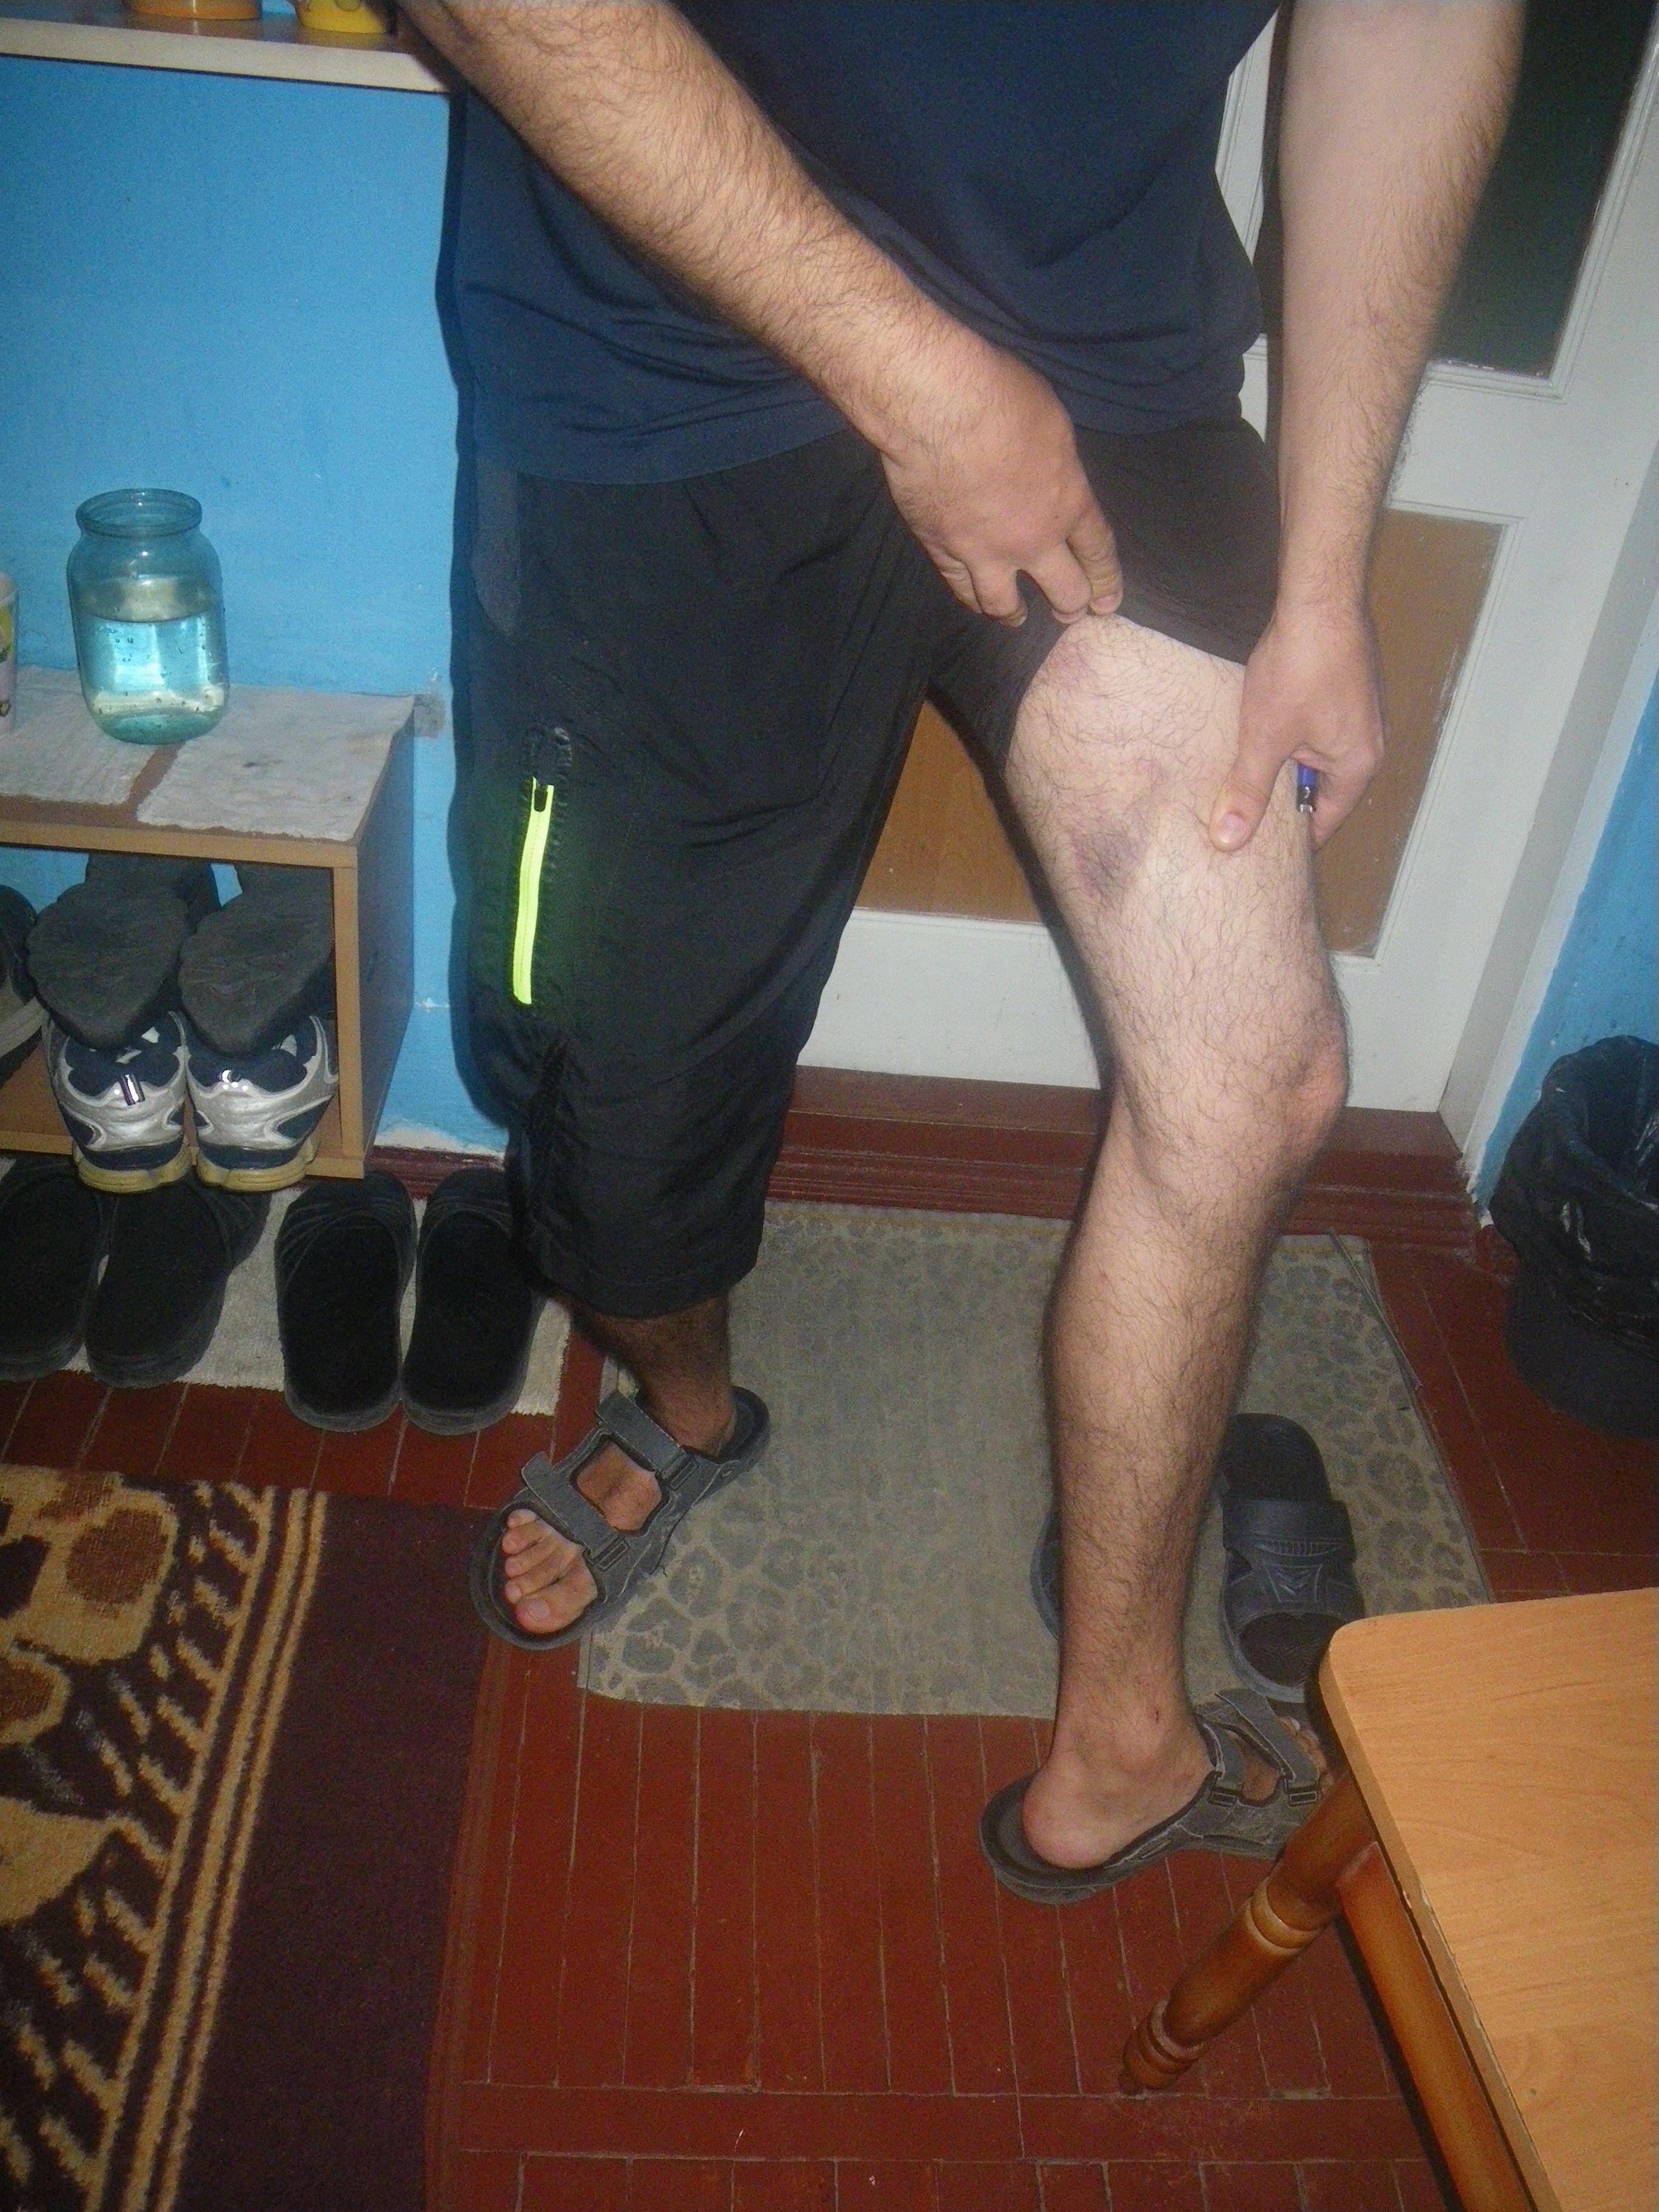 Учасники візиту зробили фотознімки із наявними тілесними ушкодженнями / ombudsman.gov.ua